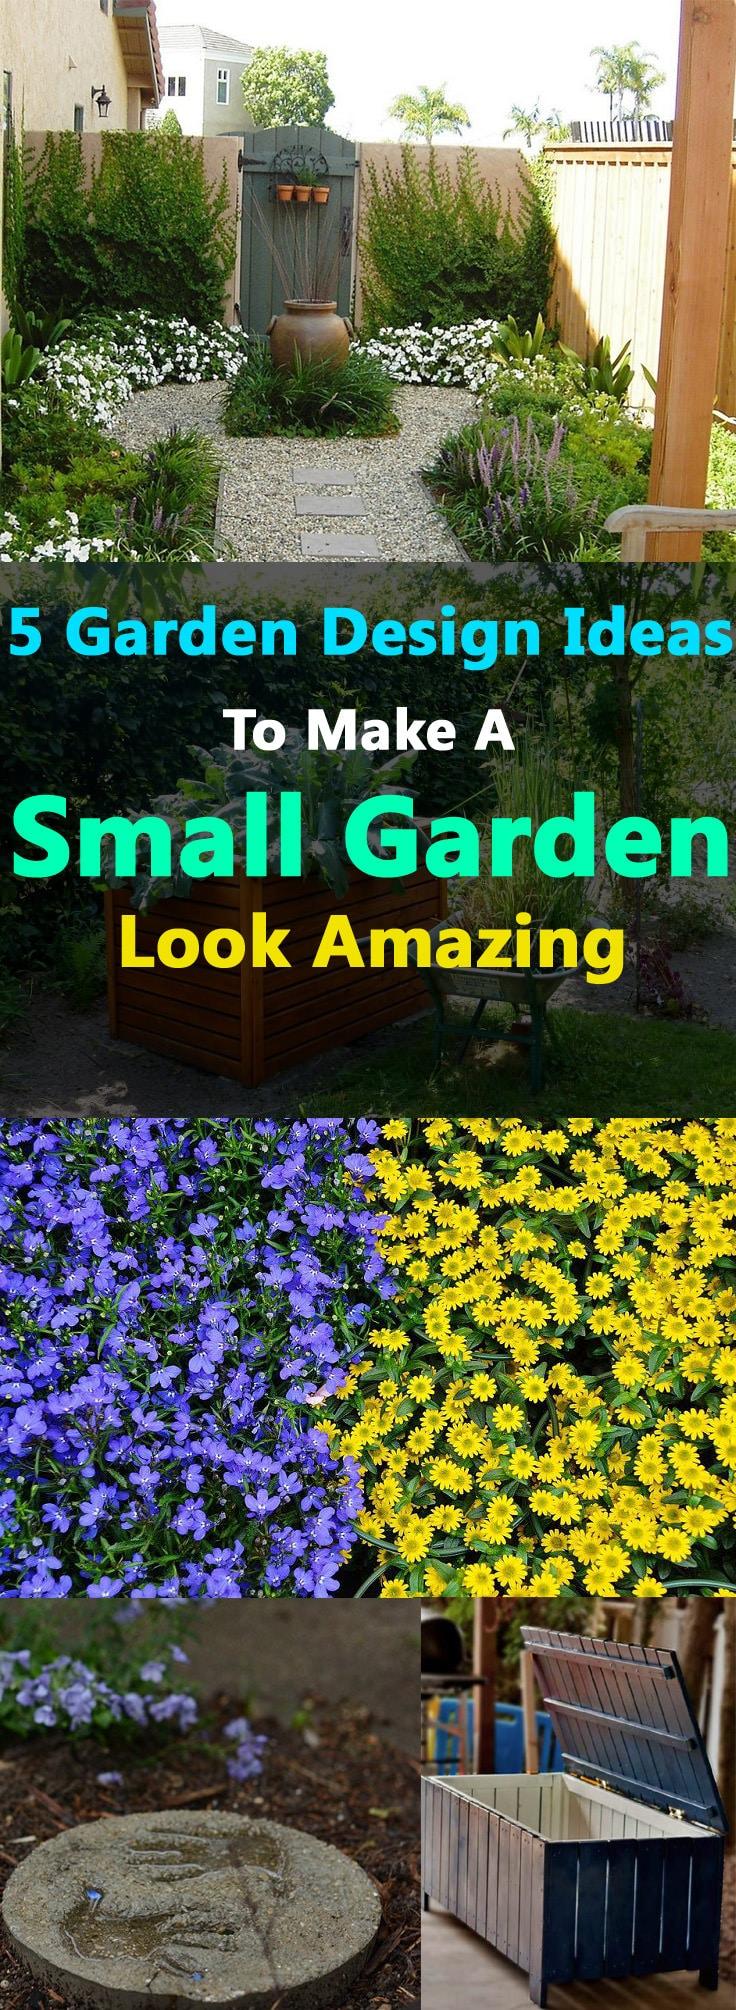 5 Garden Design Ideas To Make A Small Garden Look Amazing ... on Small Landscape Garden Ideas  id=72215